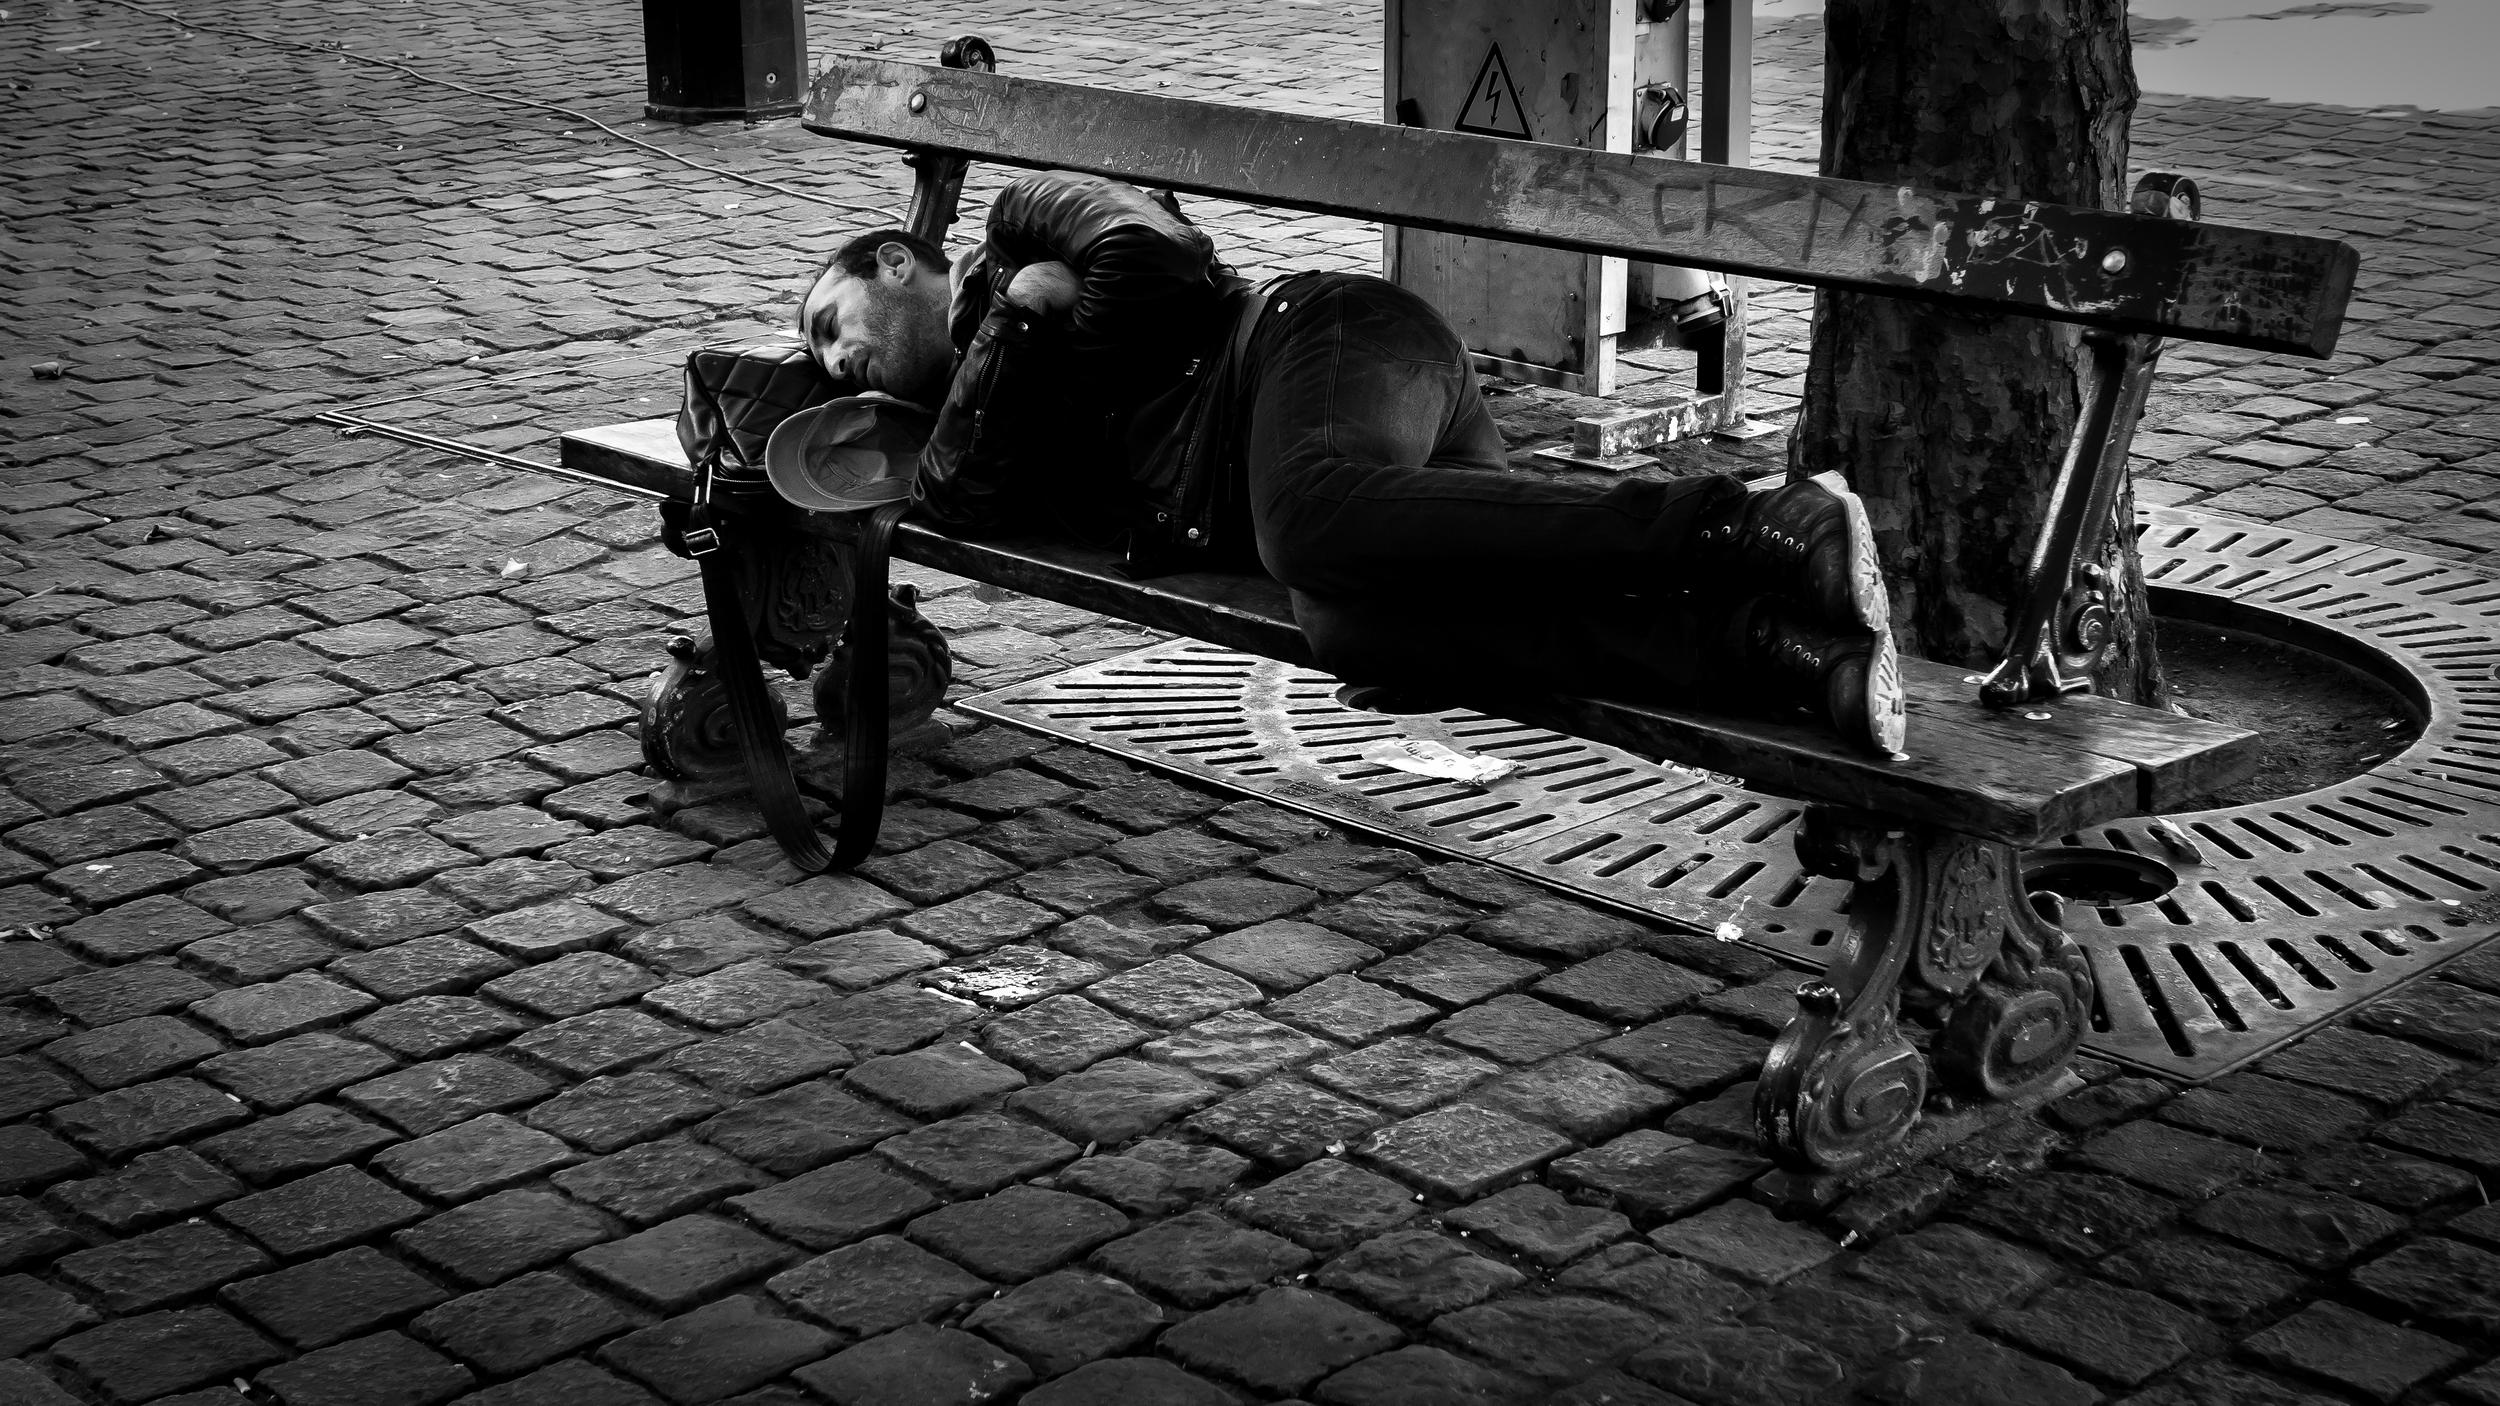 Viewfinder-looks-like-Viviane-Maier-man-sleeping-couch-slapende-man-bank-straatfotografie-Brussel-streetphotography-Brussels.jpg